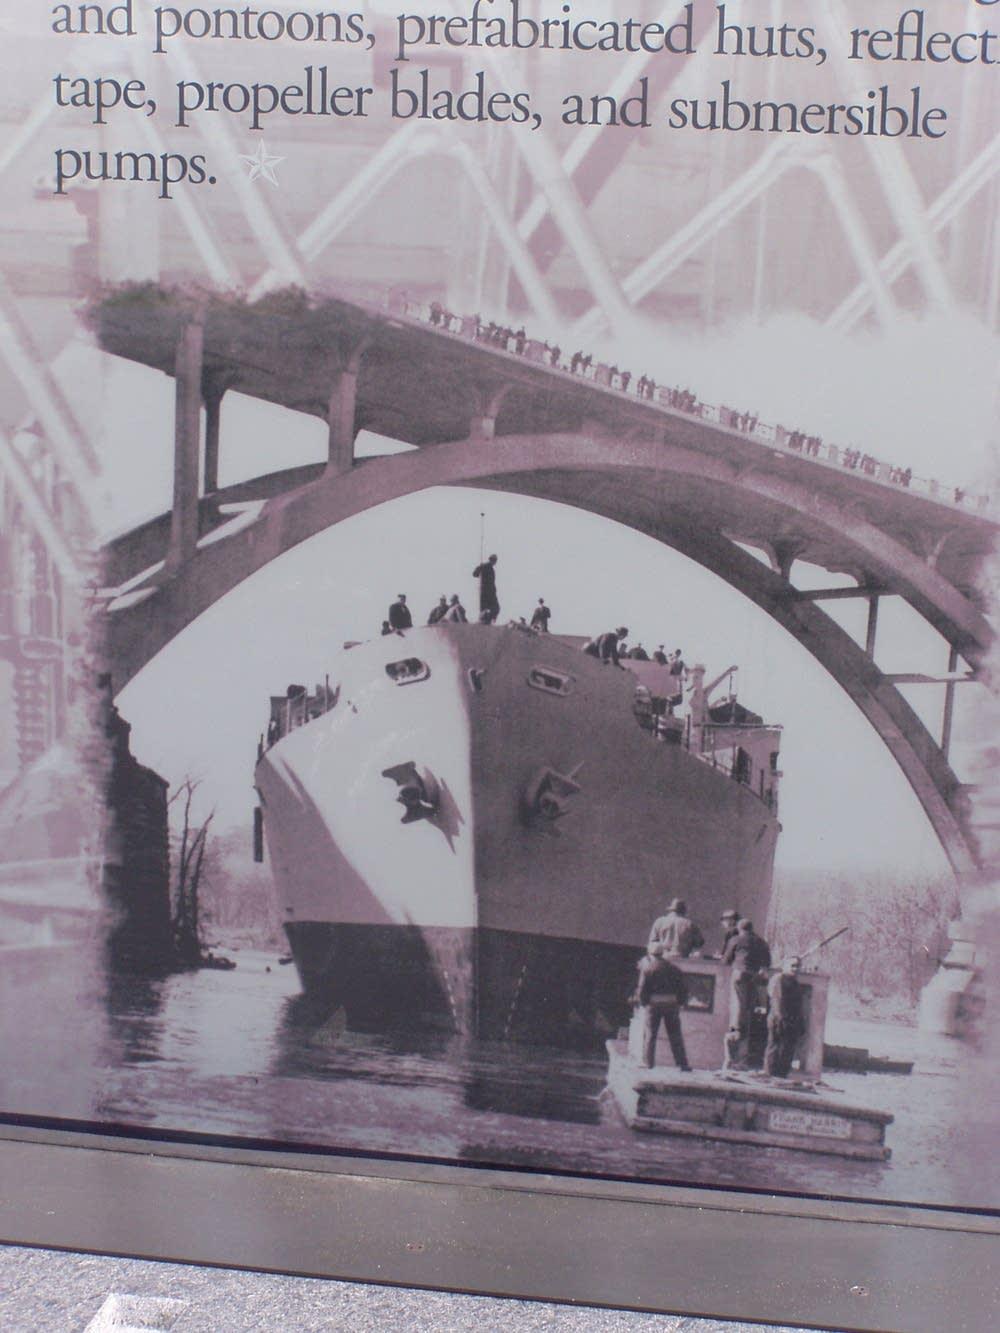 Panel photo